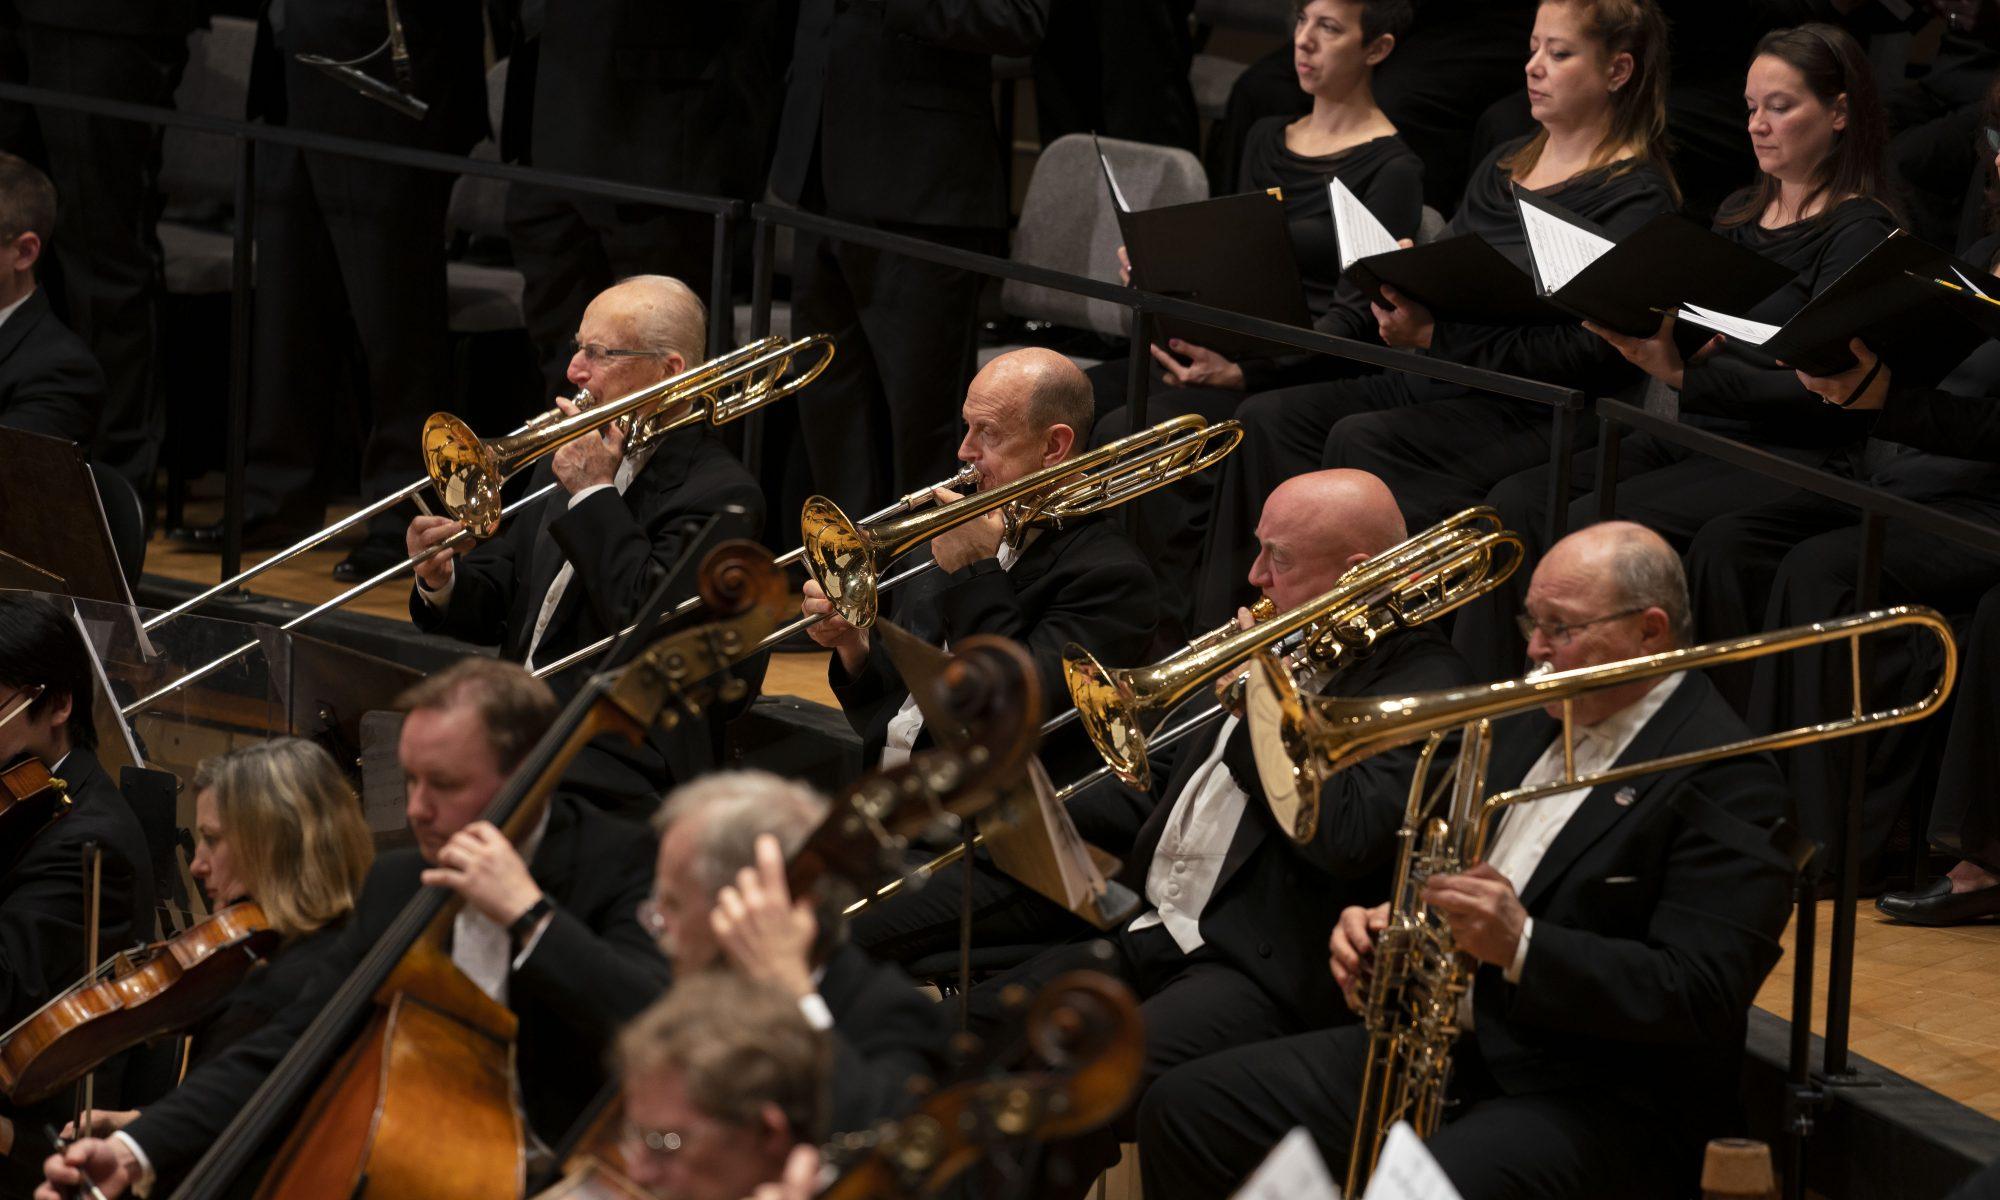 The Chicago Symphony Brass